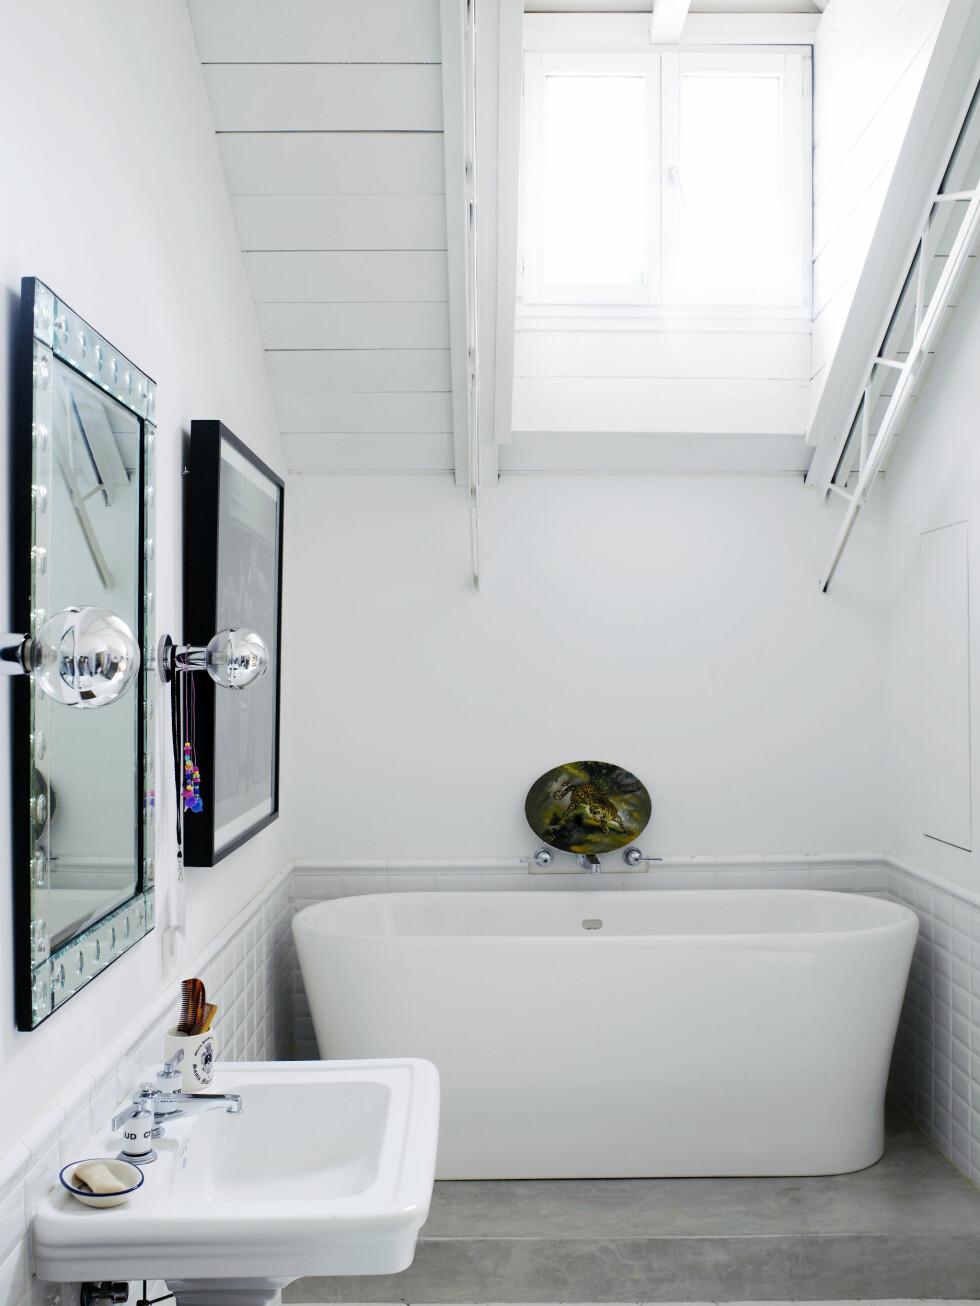 Badekar og vasker (devon-devon.com). Bildet over badekaret er laget av Gorkas kunstnervenn Juan Gatti.  Foto: Richard Powers/IDECOR images